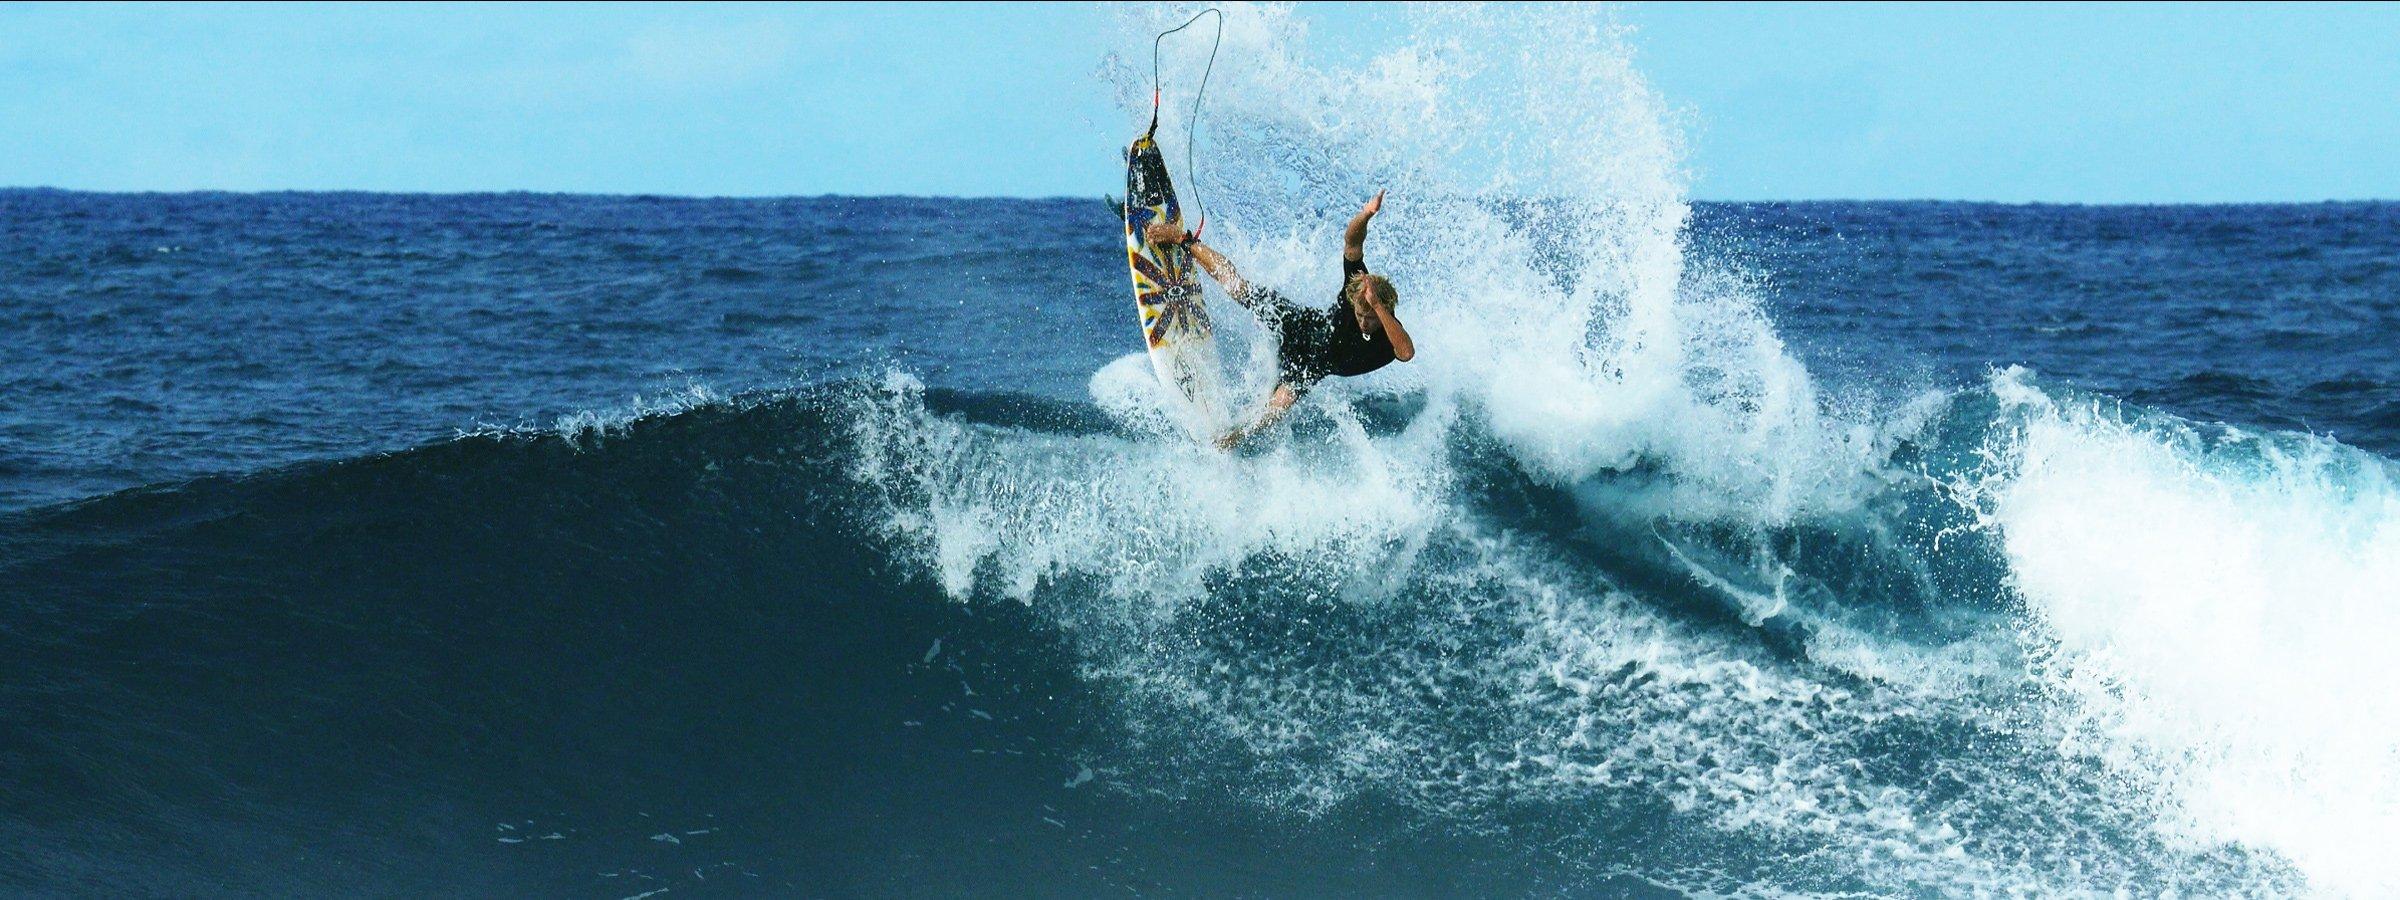 Xanadu Surf Designs Tanner Hendrickson